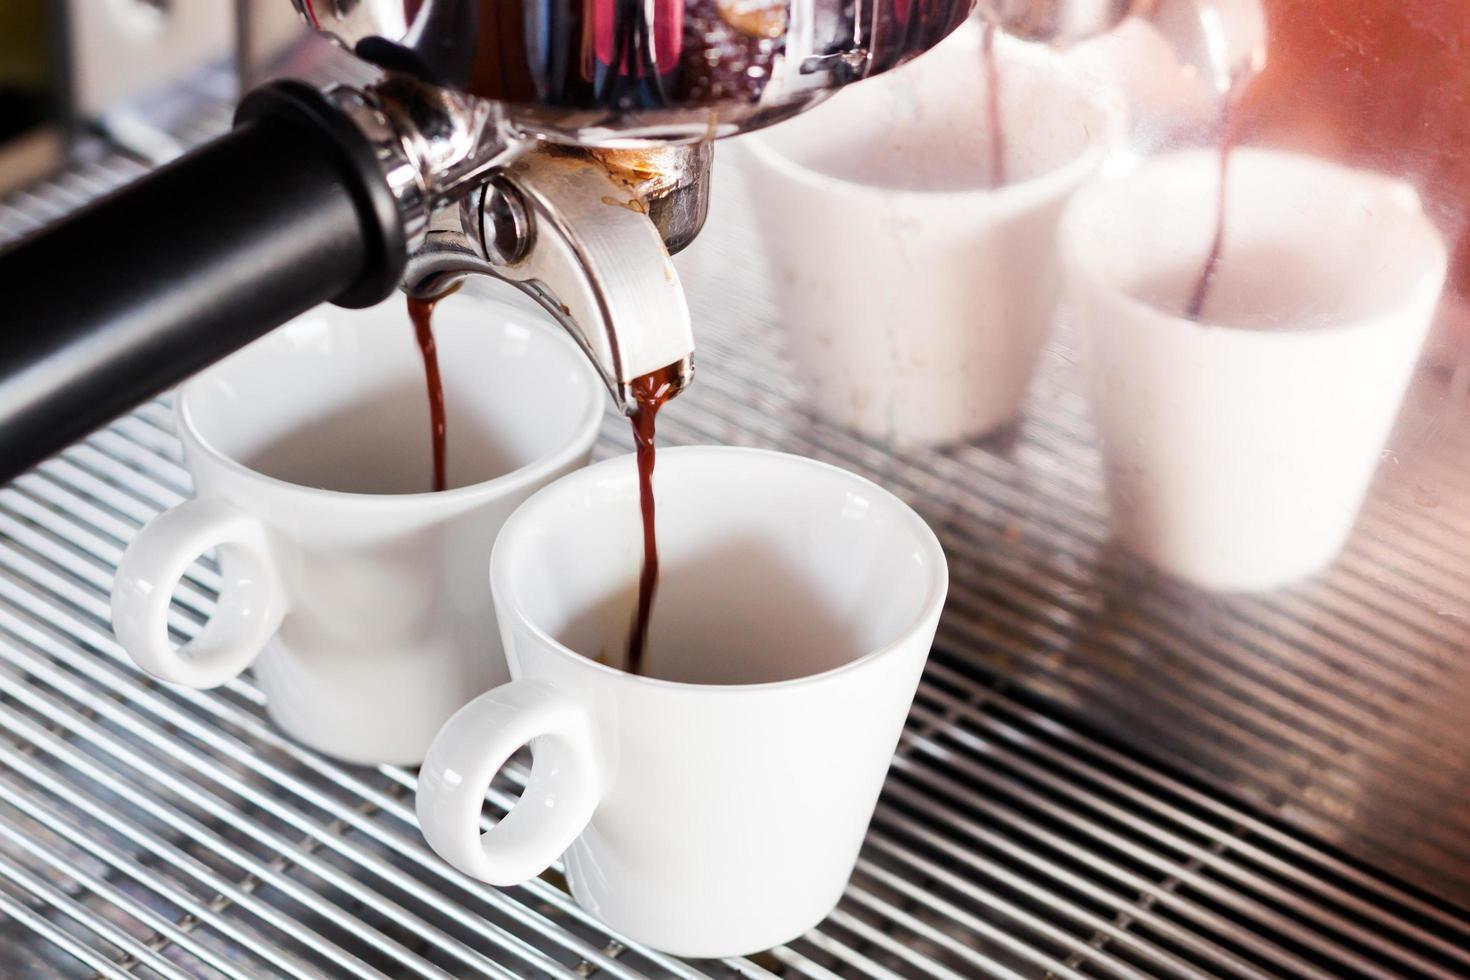 coups d'espresso étant versé photo